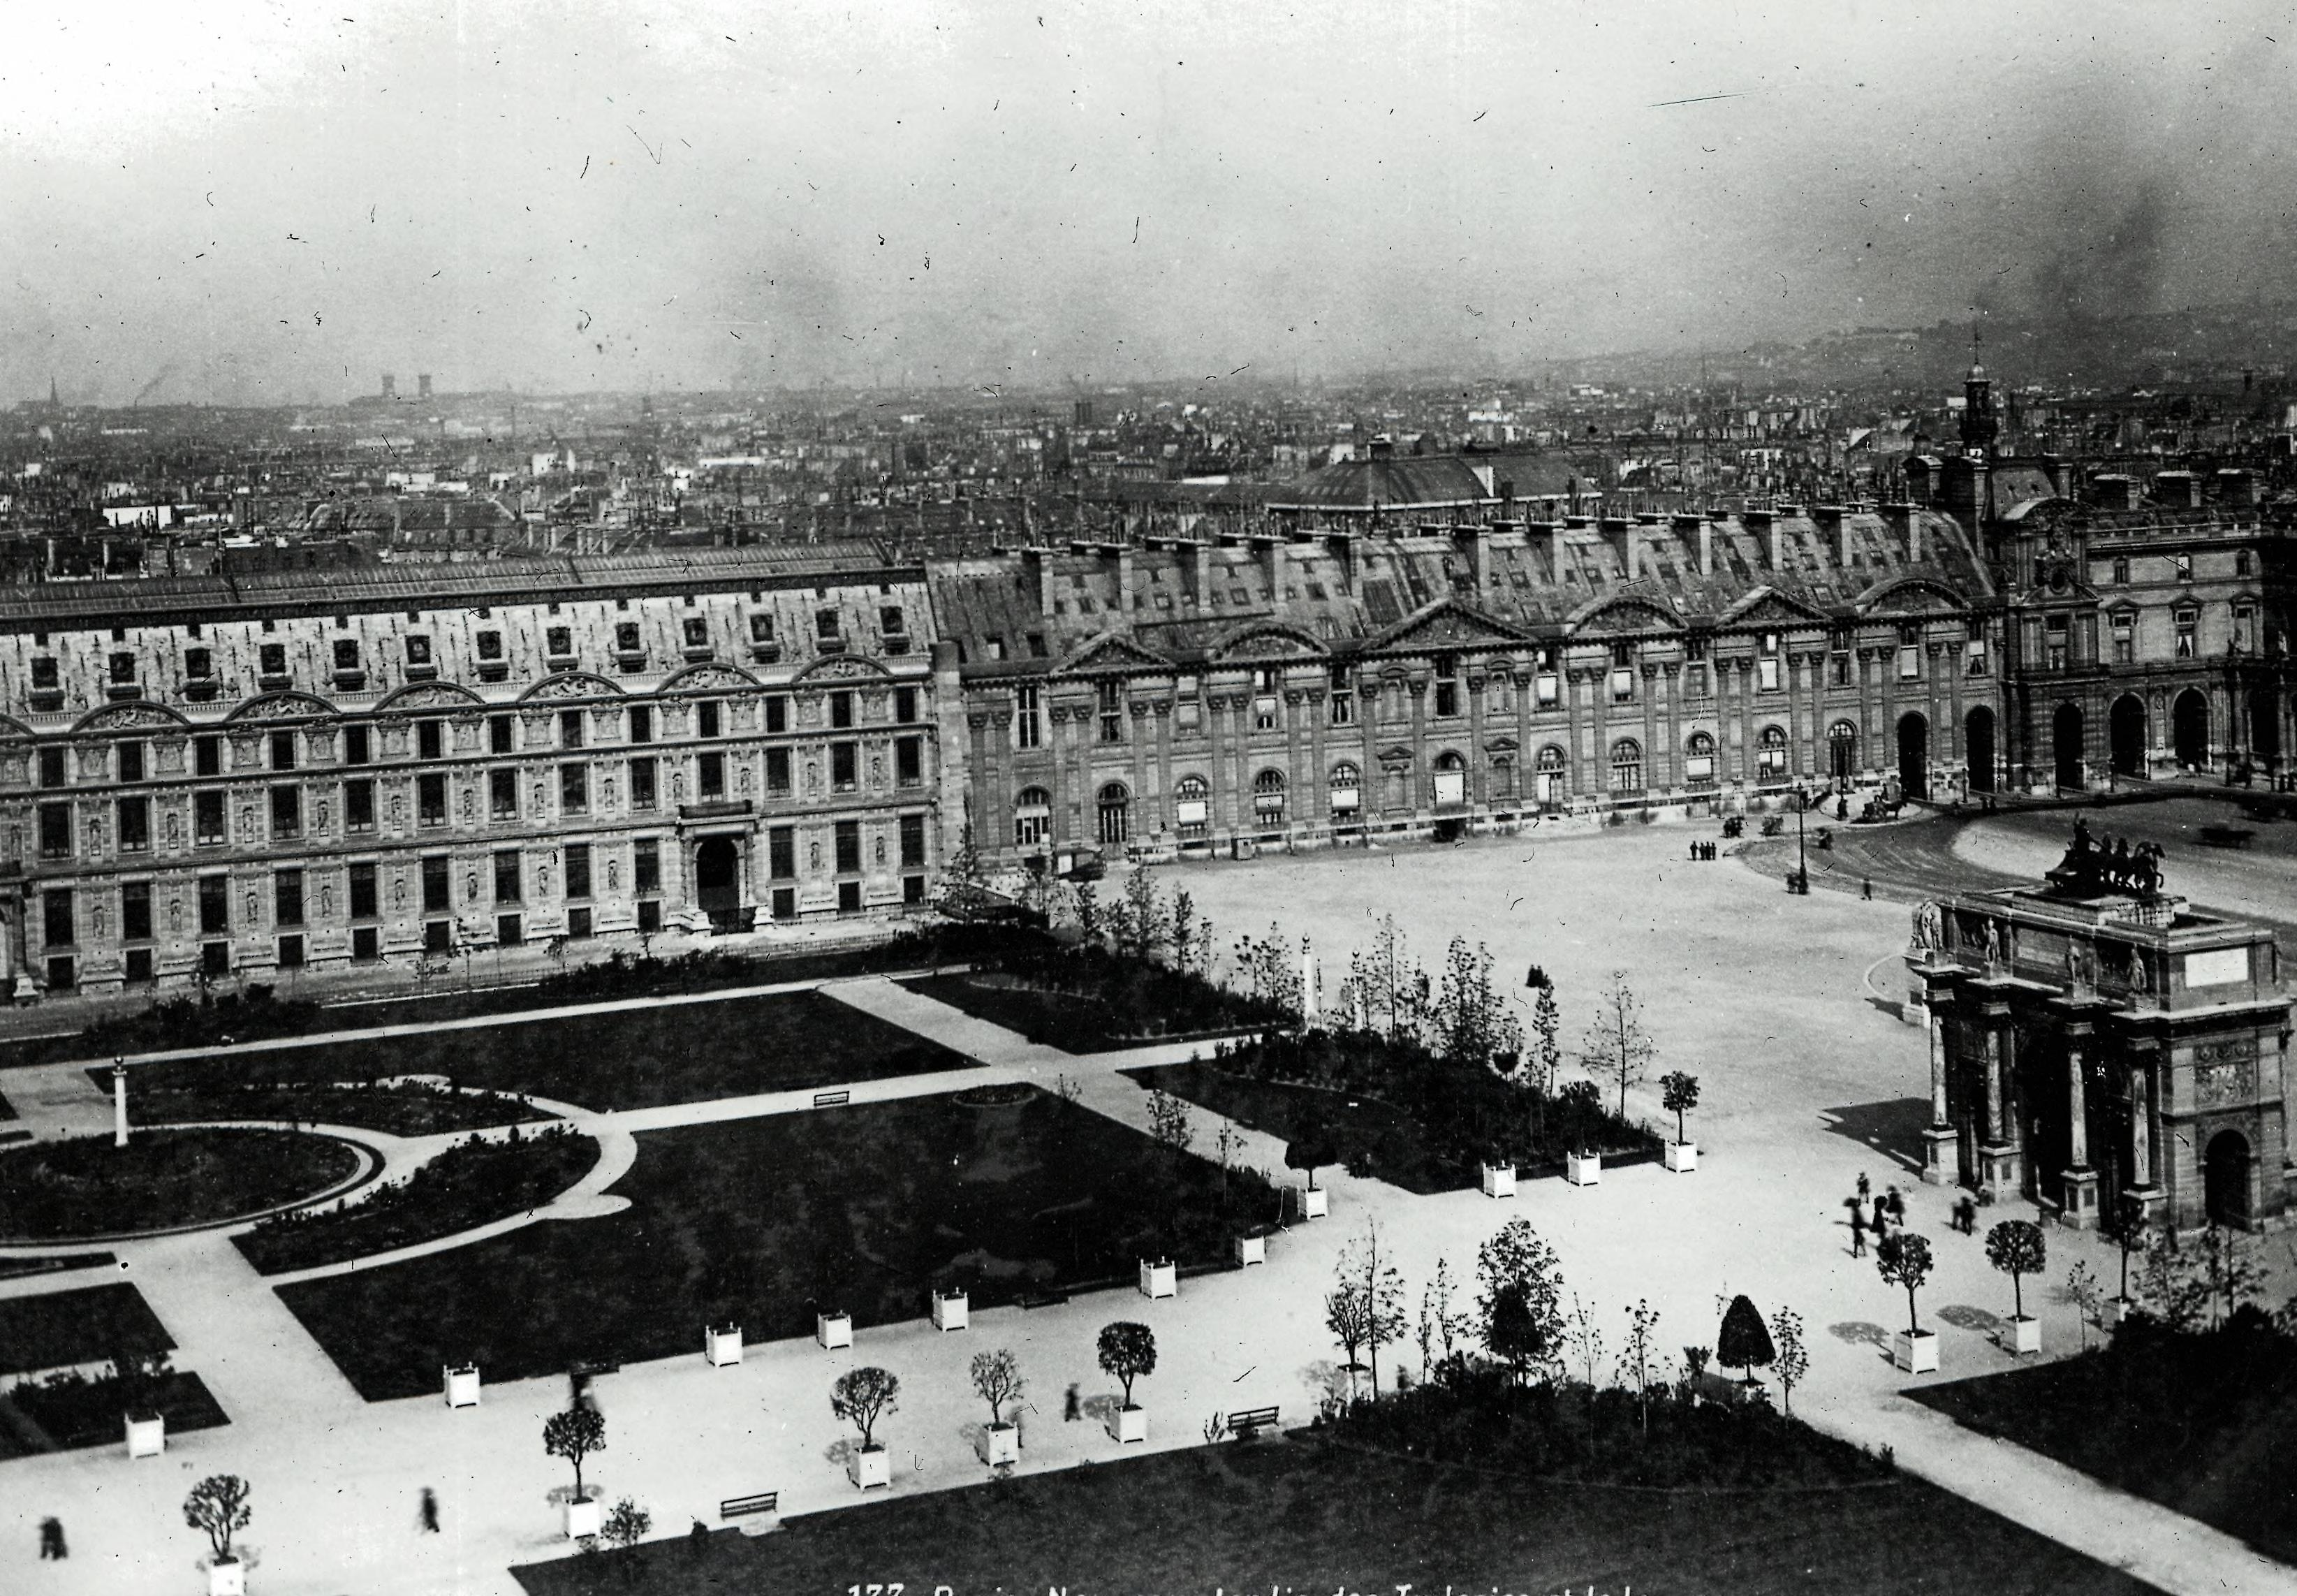 Сад Тюильри и Лувр